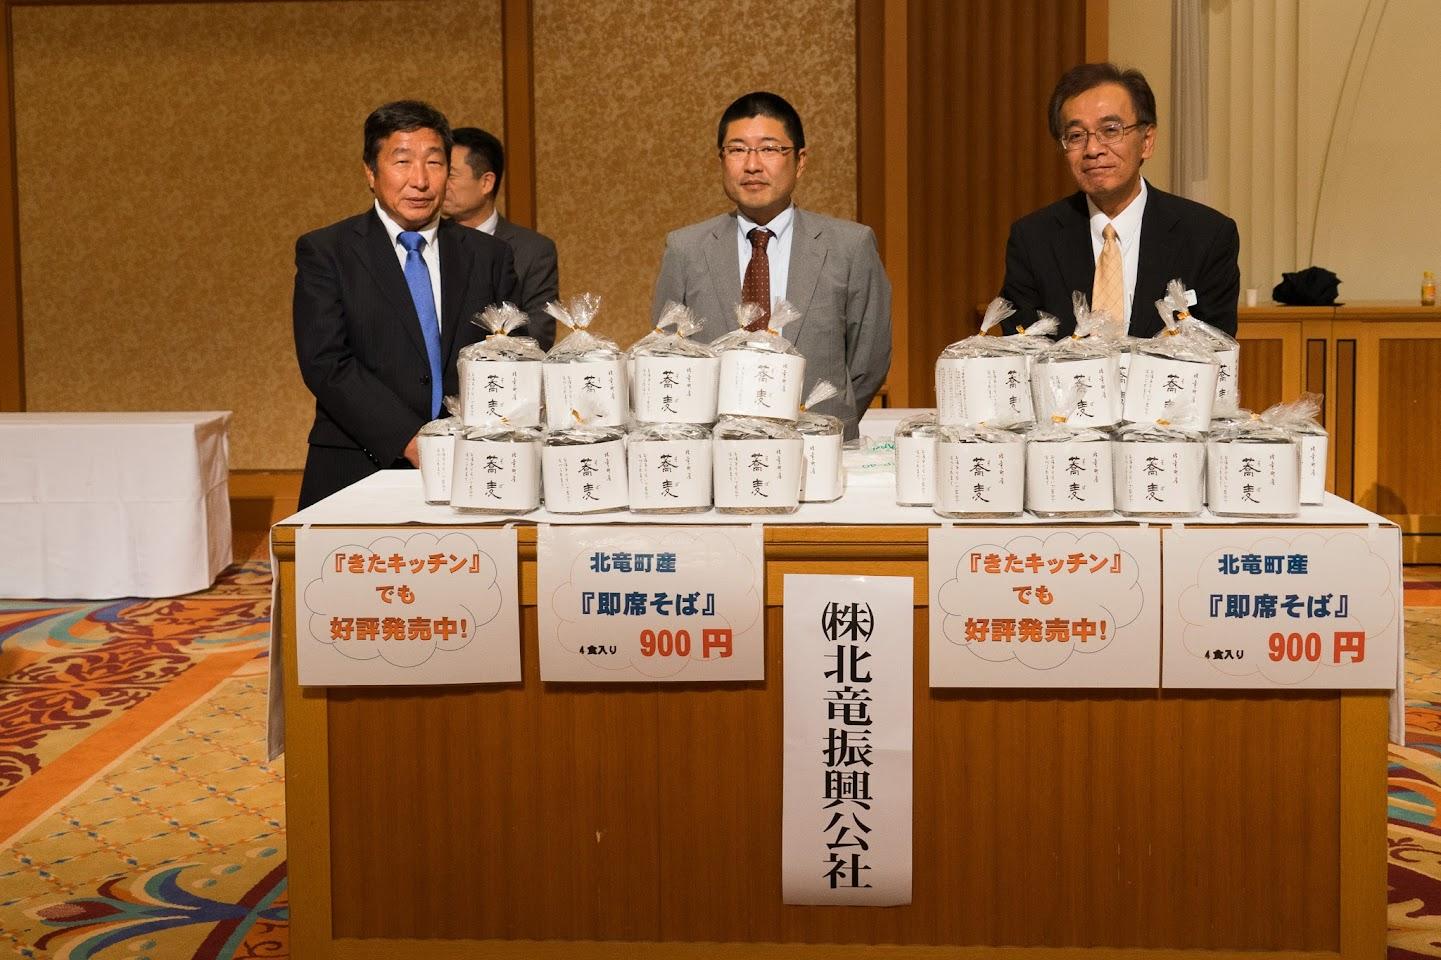 (株)北竜振興公社コーナー